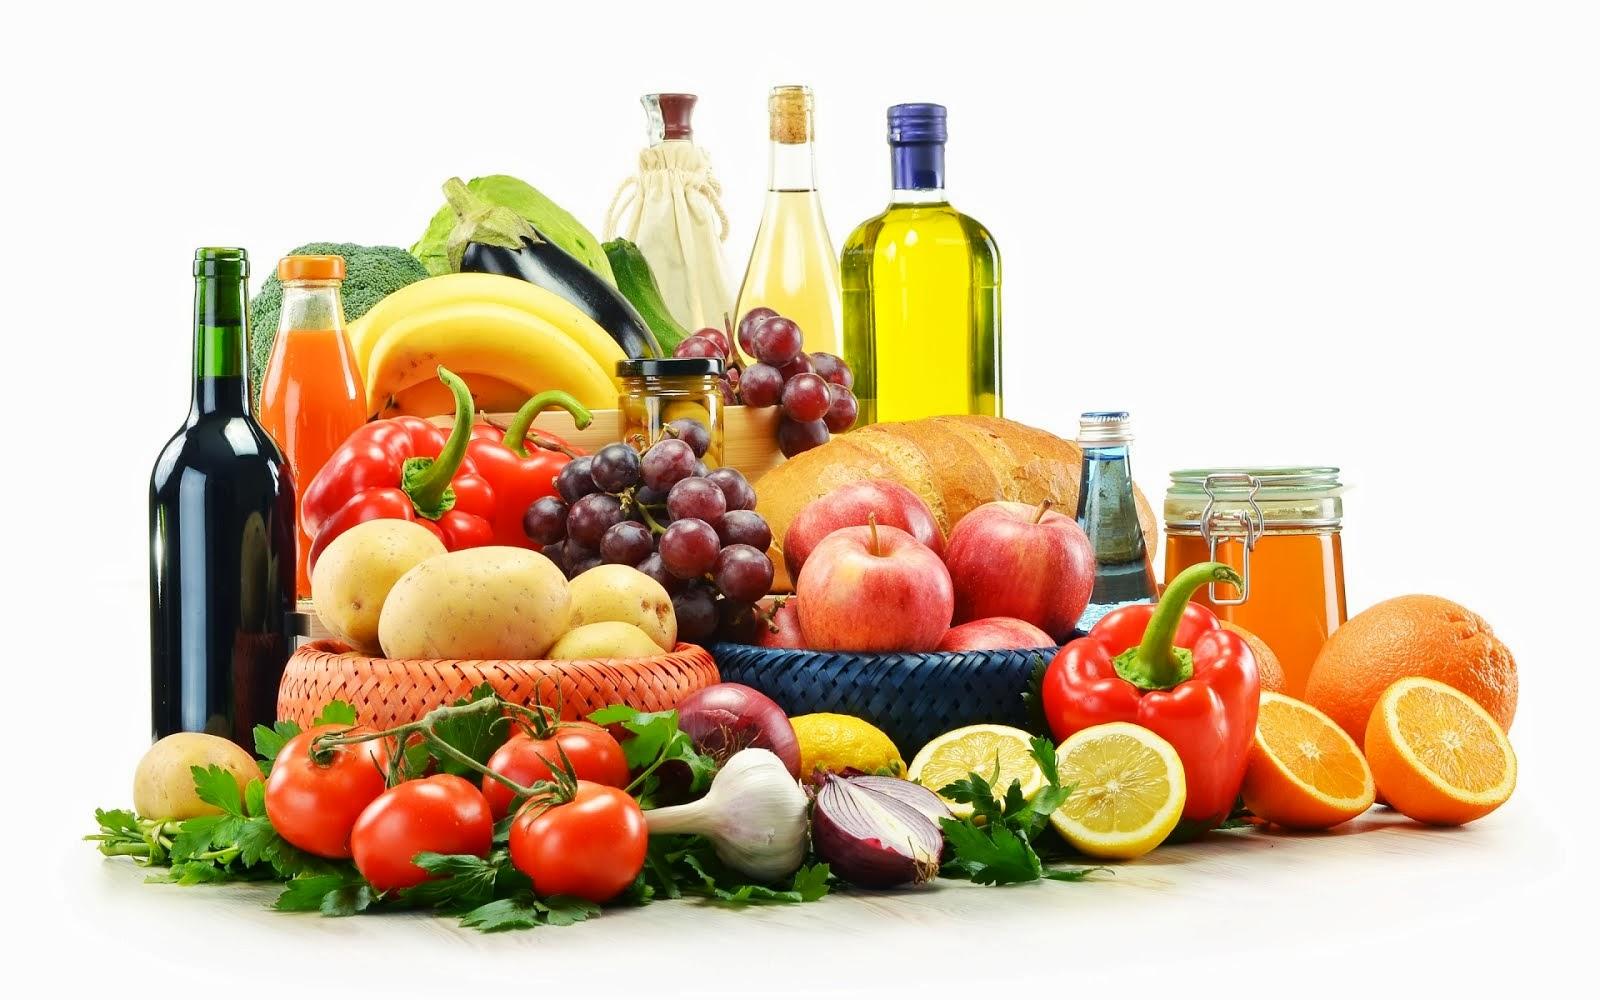 Dieta Settimanale Equilibrata : Dieta mediterranea benefici cosa mangiare e menù settimanale